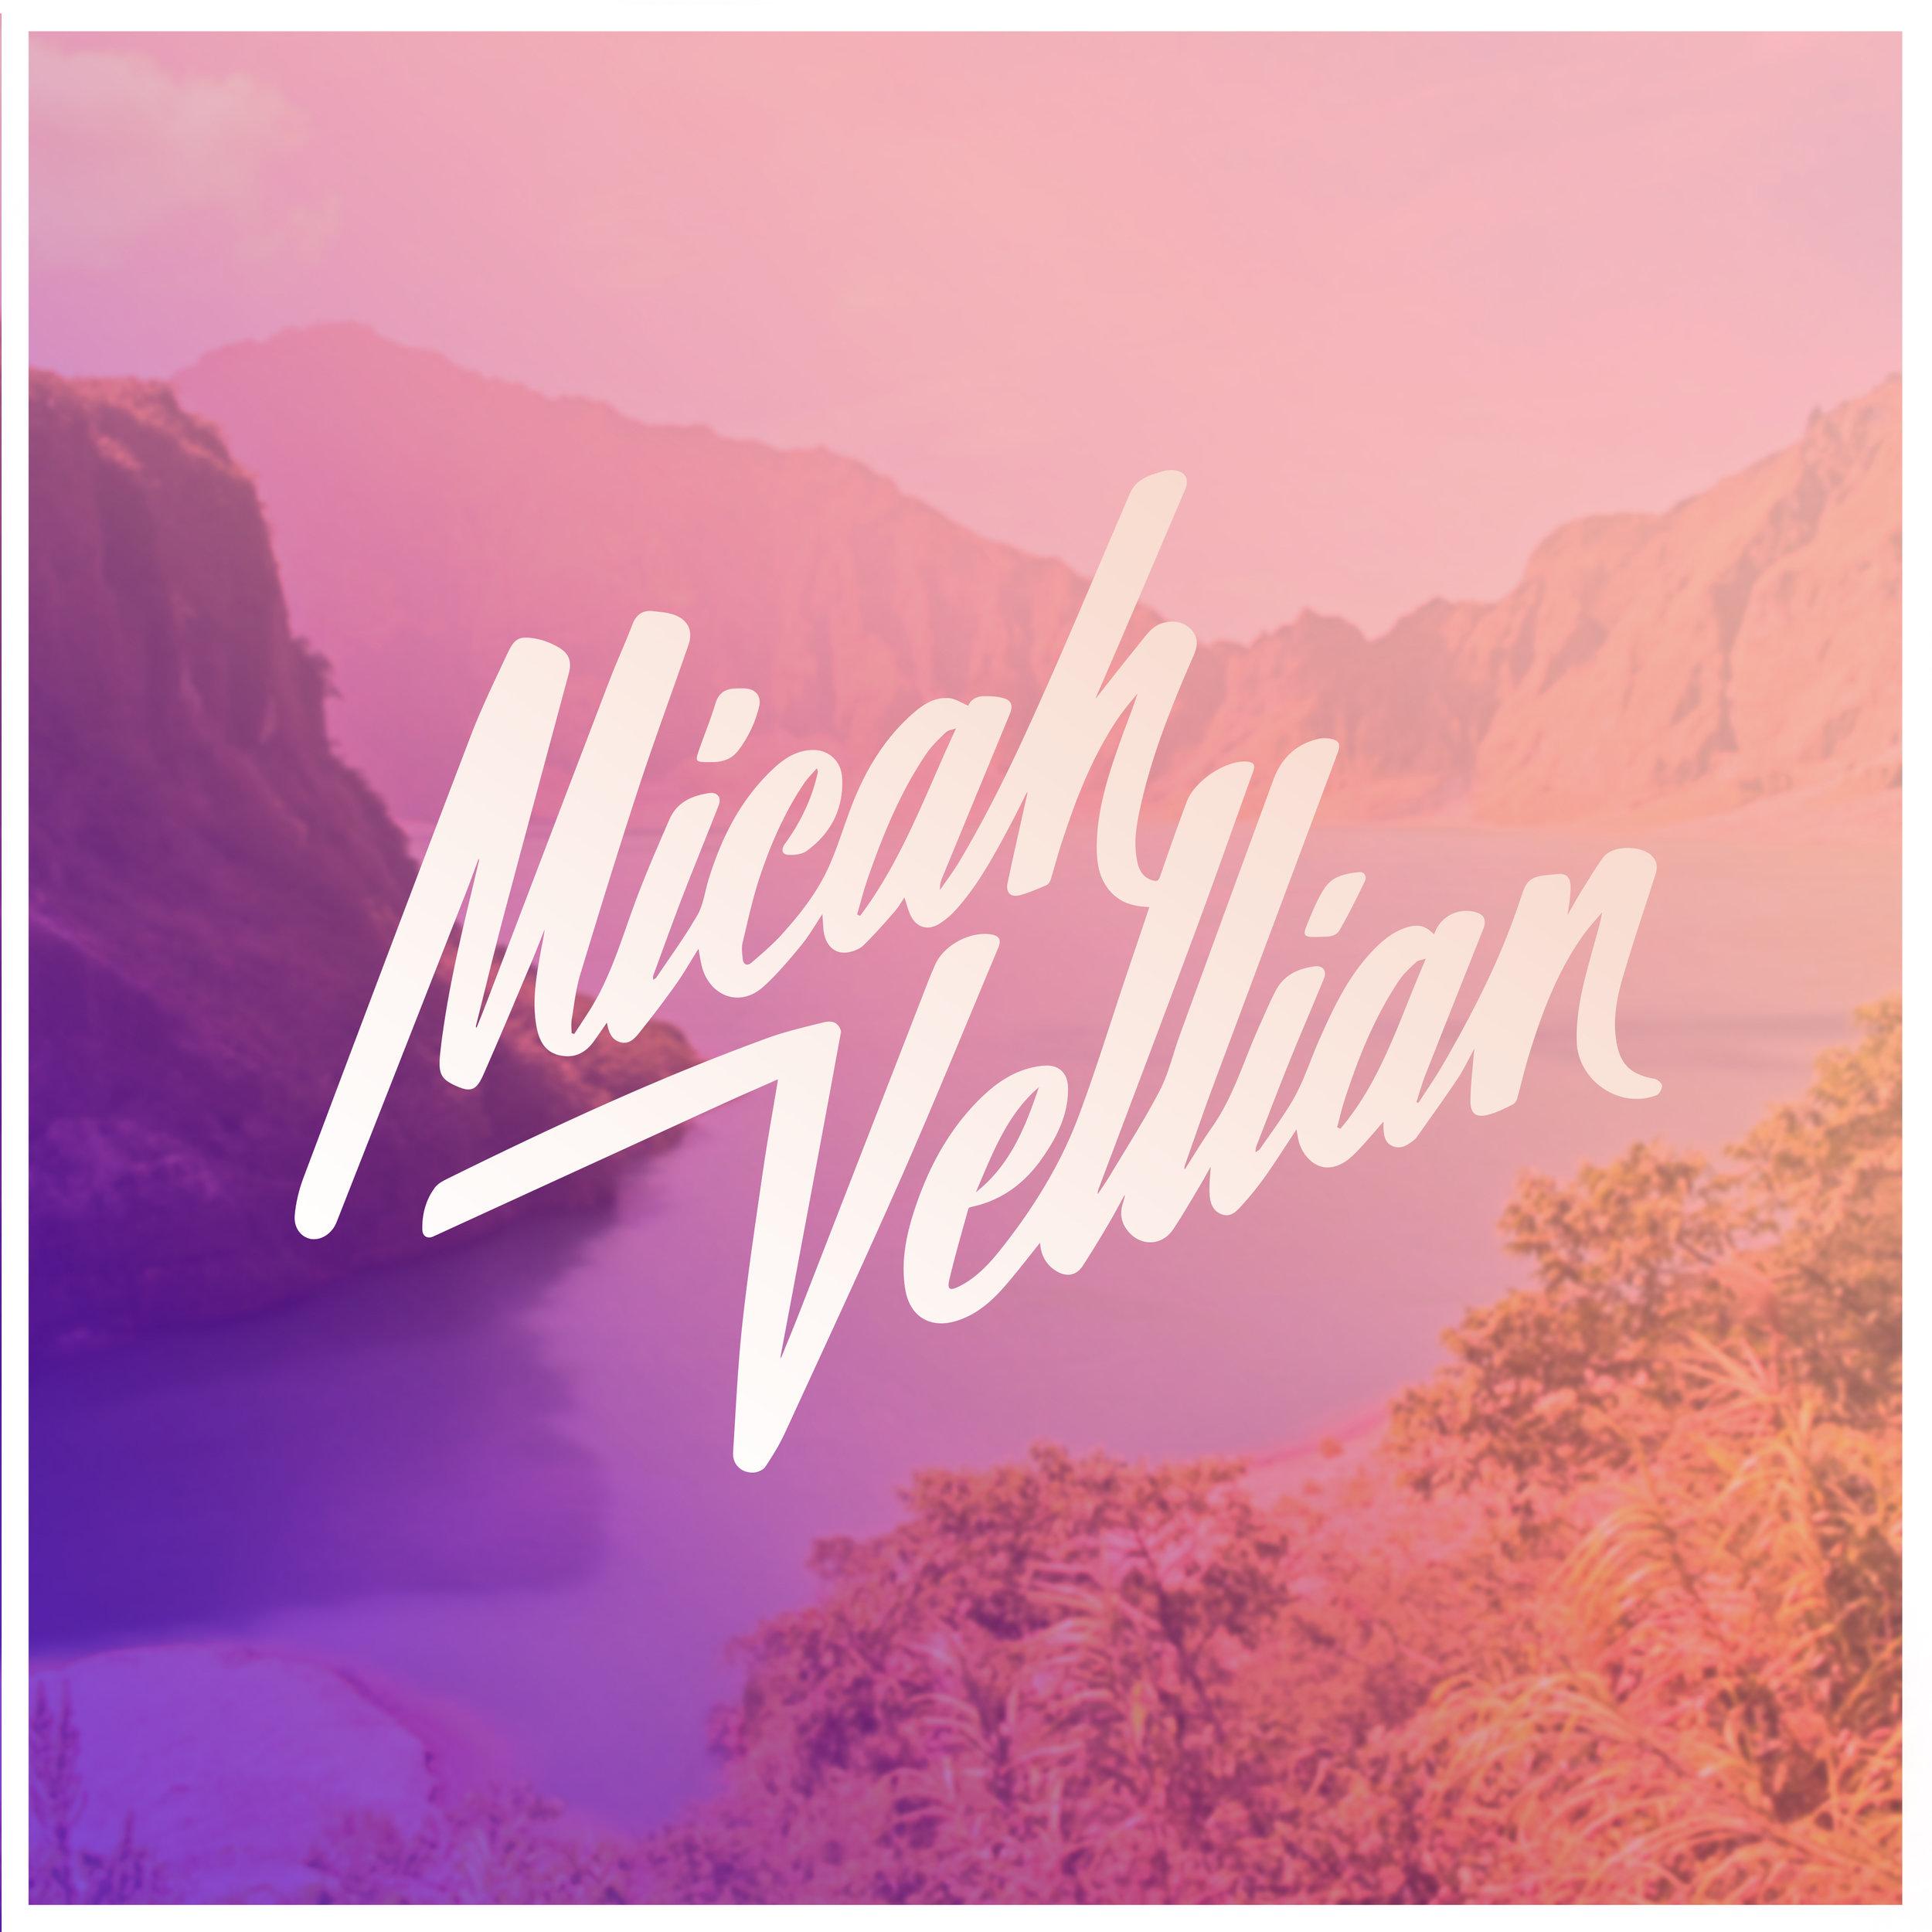 Micah_Vellian_03